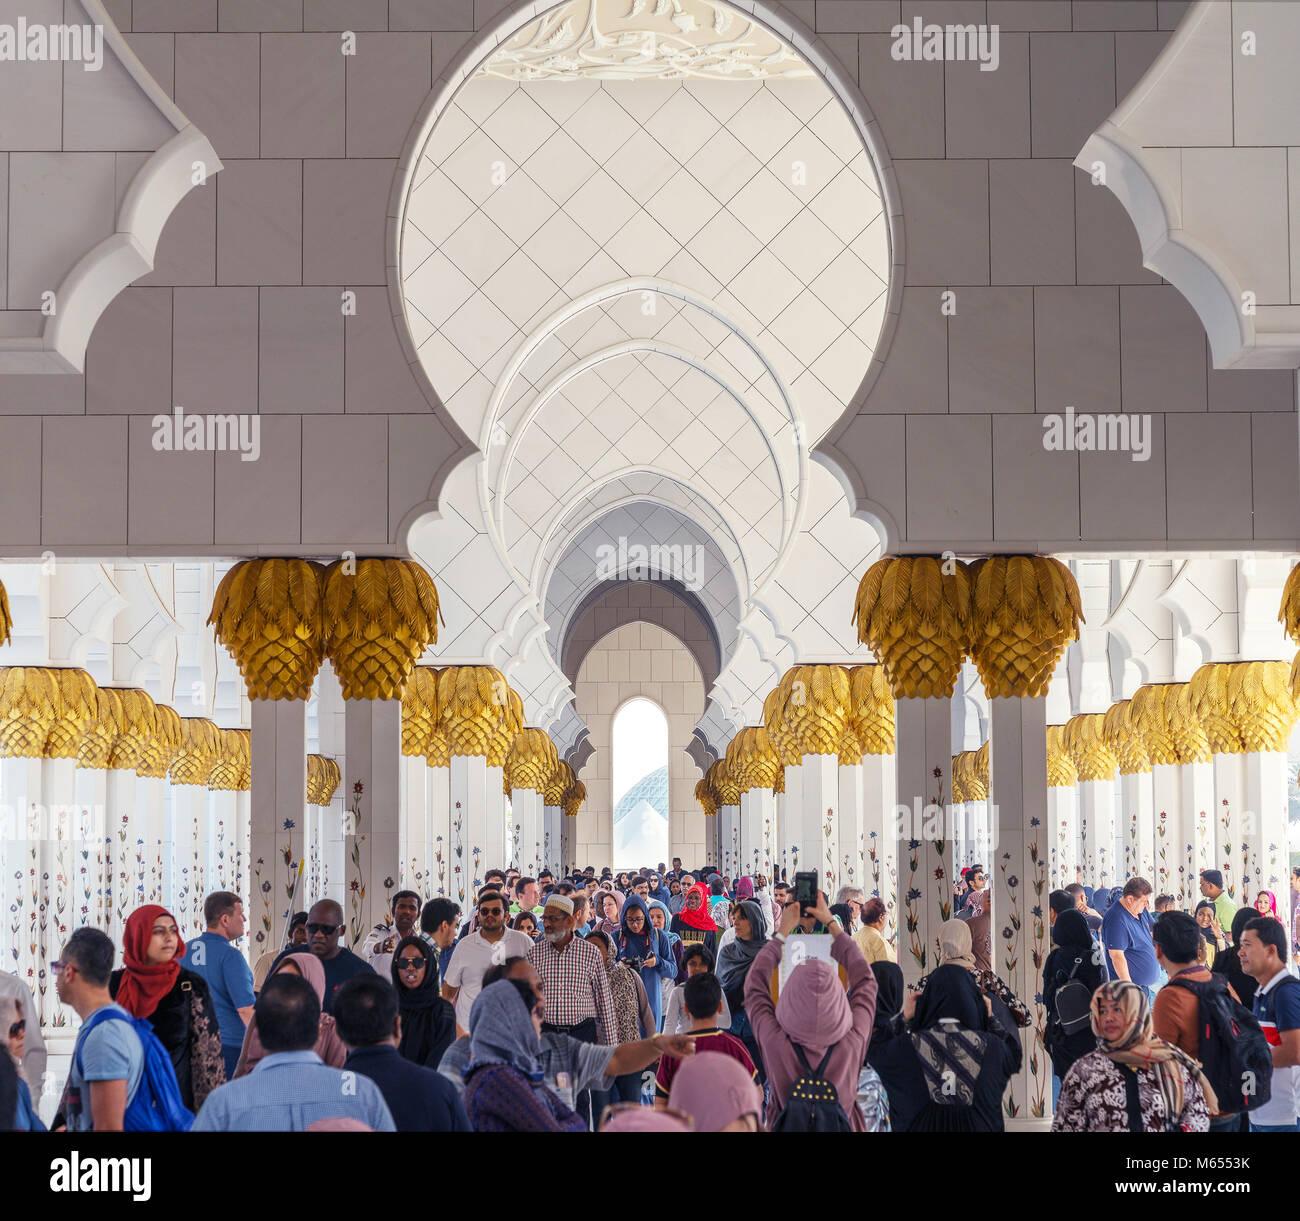 28 Décembre 2017 - Abu Dhabi, Émirats arabes unis. Les touristes visitant la mosquée Sheikh Zayed Photo Stock